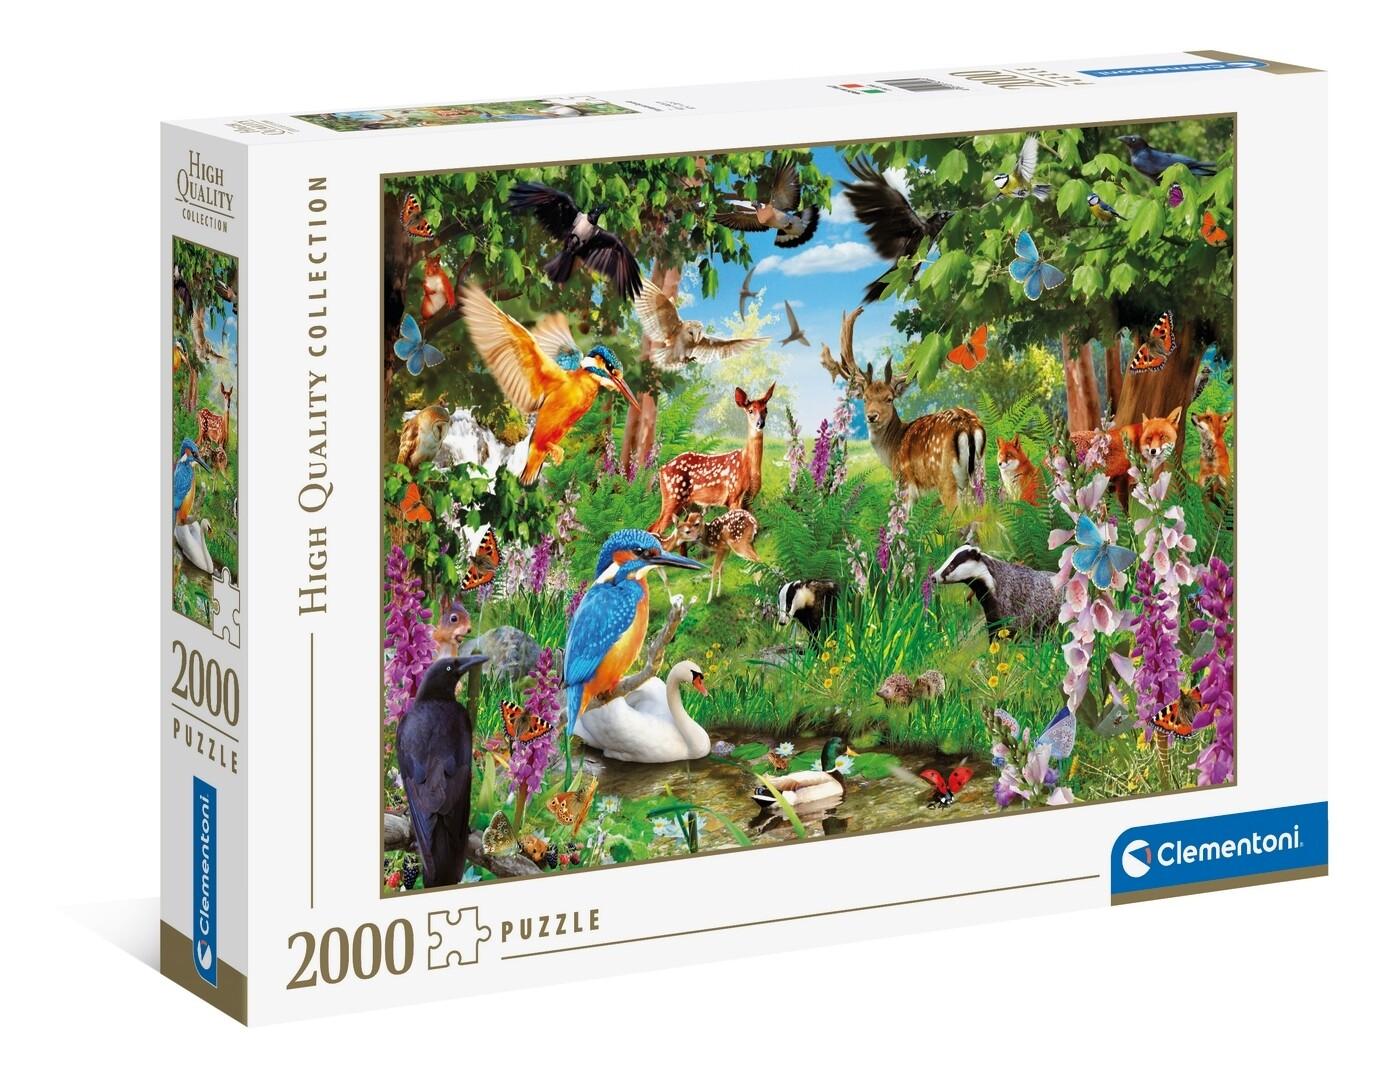 PUZZLE 2000 HQ Fantastic Forest - CLEMENTONI